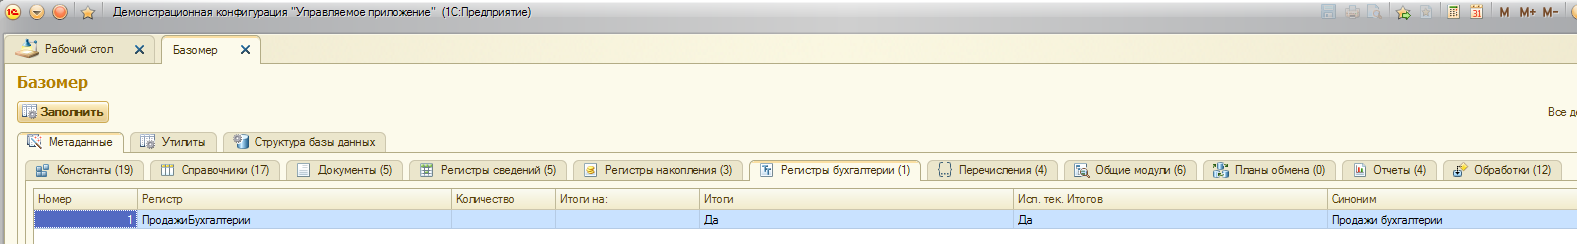 Рабочие прокси socks5 Россия для OLX